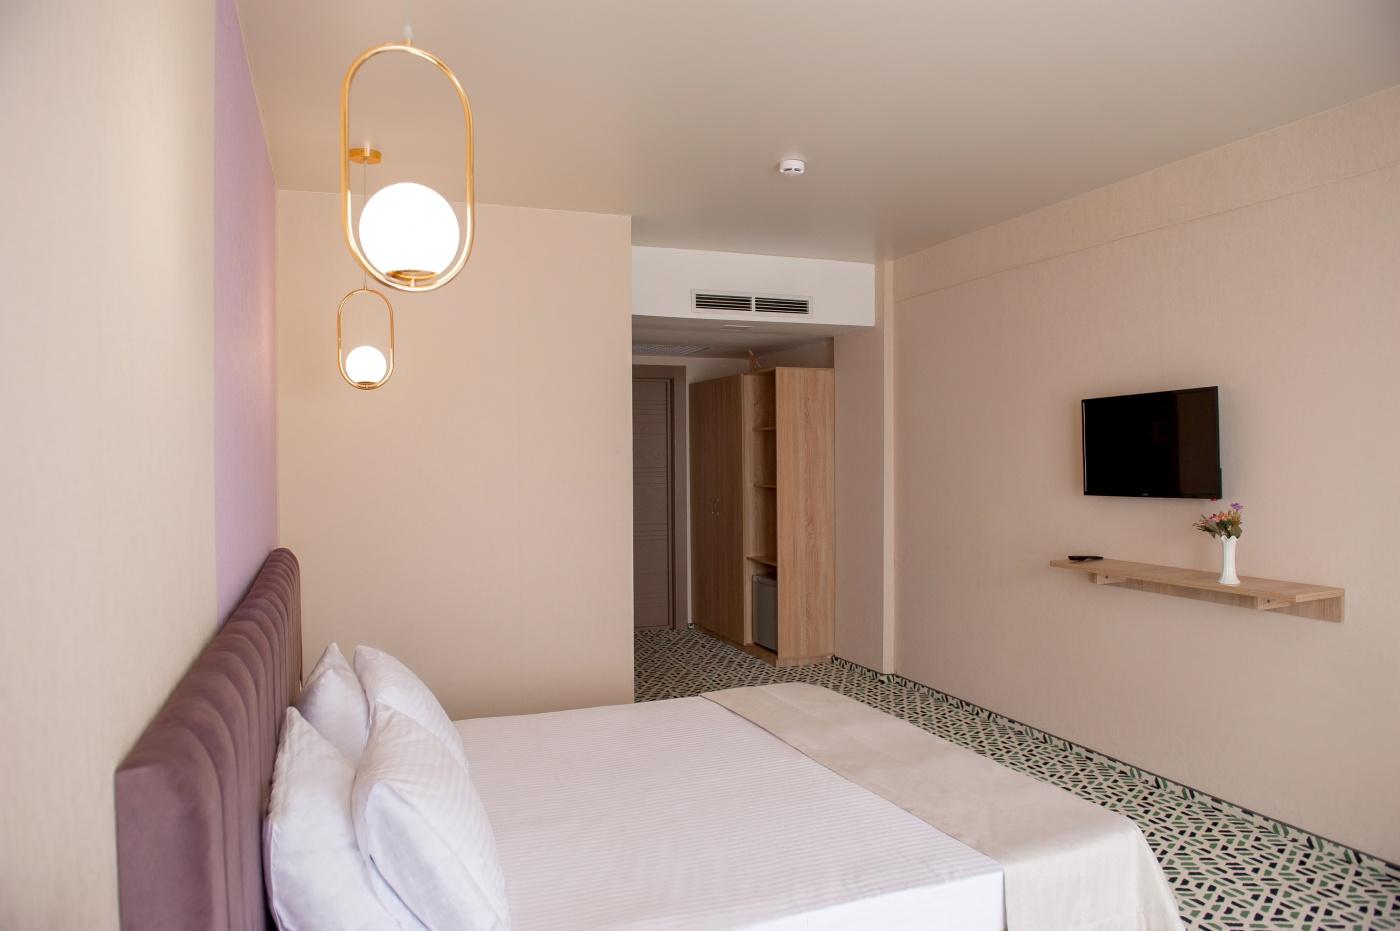 Отель «Aurum Family Resort & Spa» Краснодарский край Standard SV 2-местный (в корпусе), фото 6